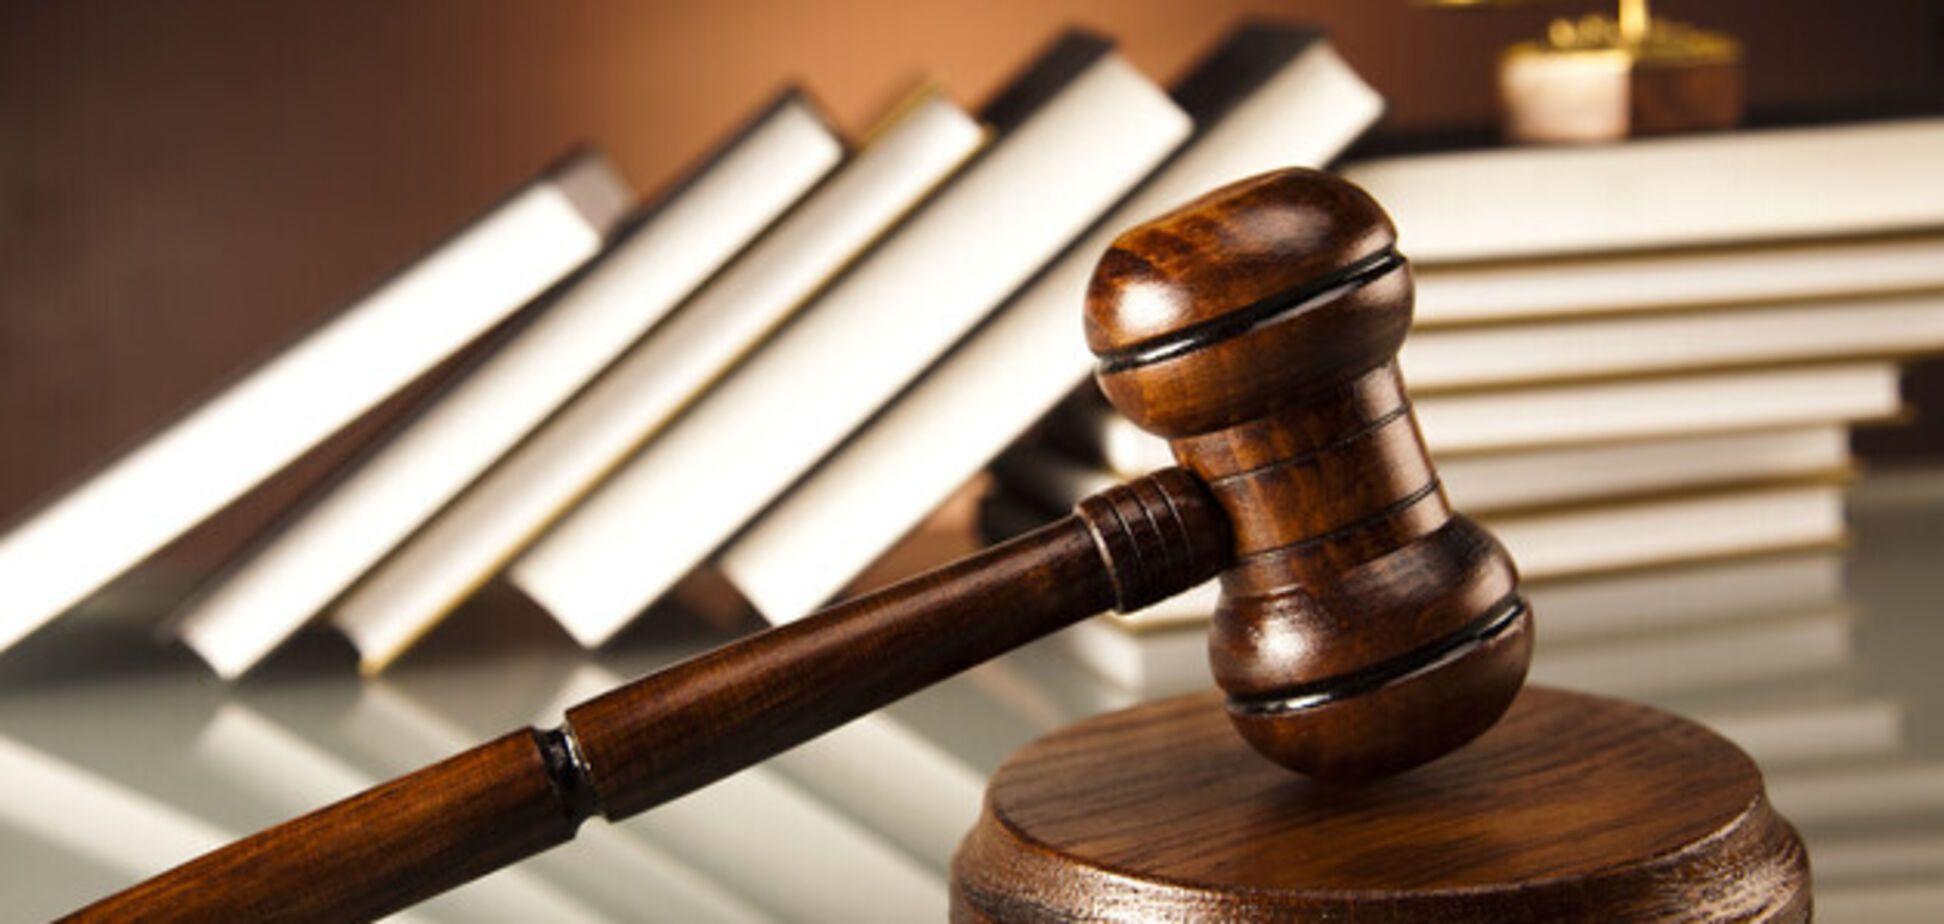 Высшему антикоррупционному суду доверяет лишь 2% респондентов